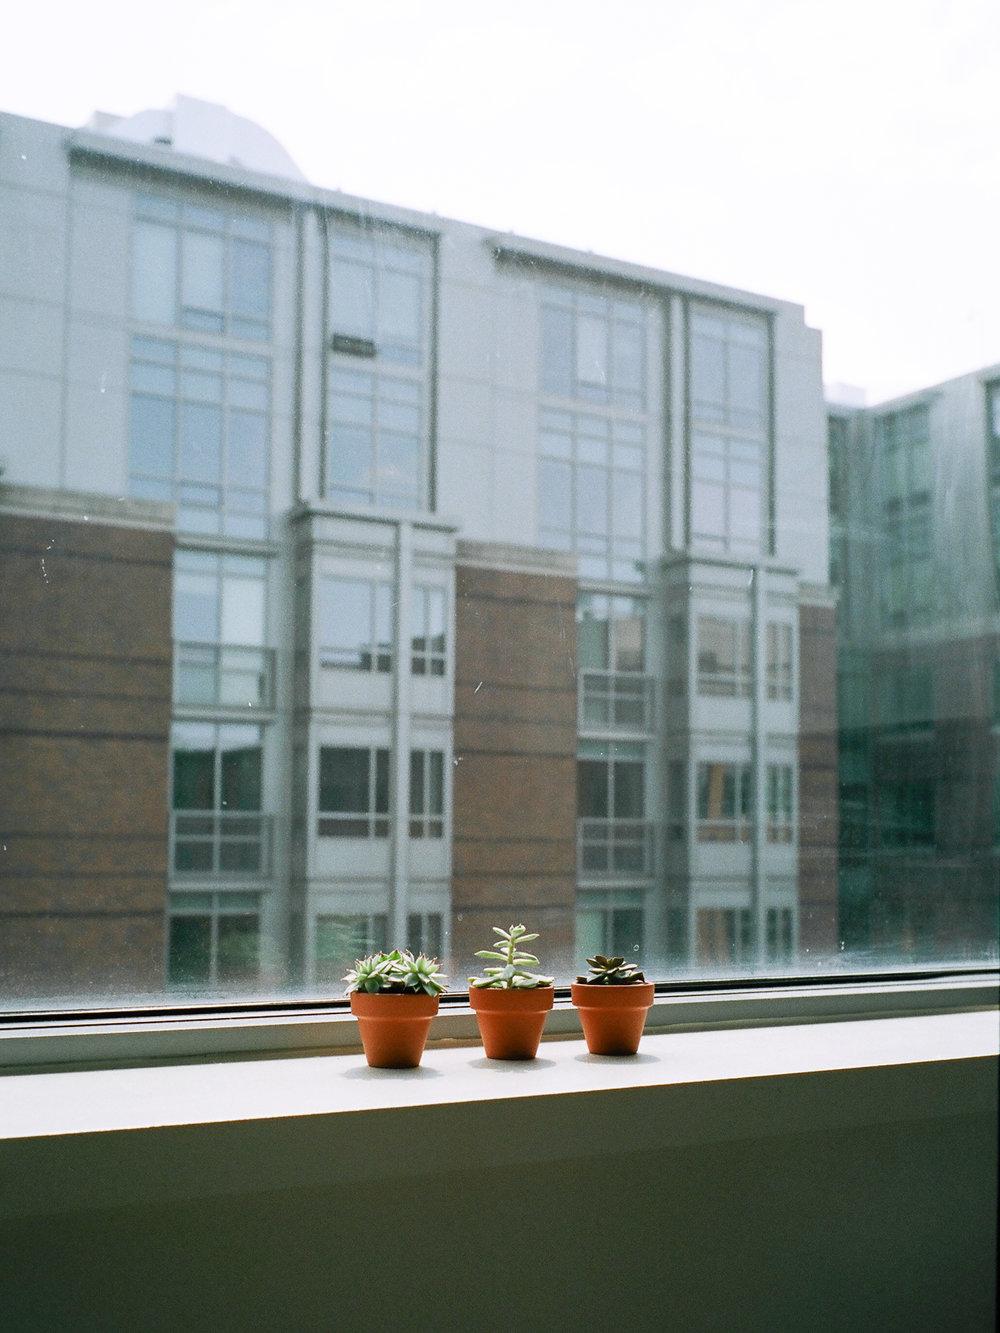 LeicaM6_Portra400-395.jpg